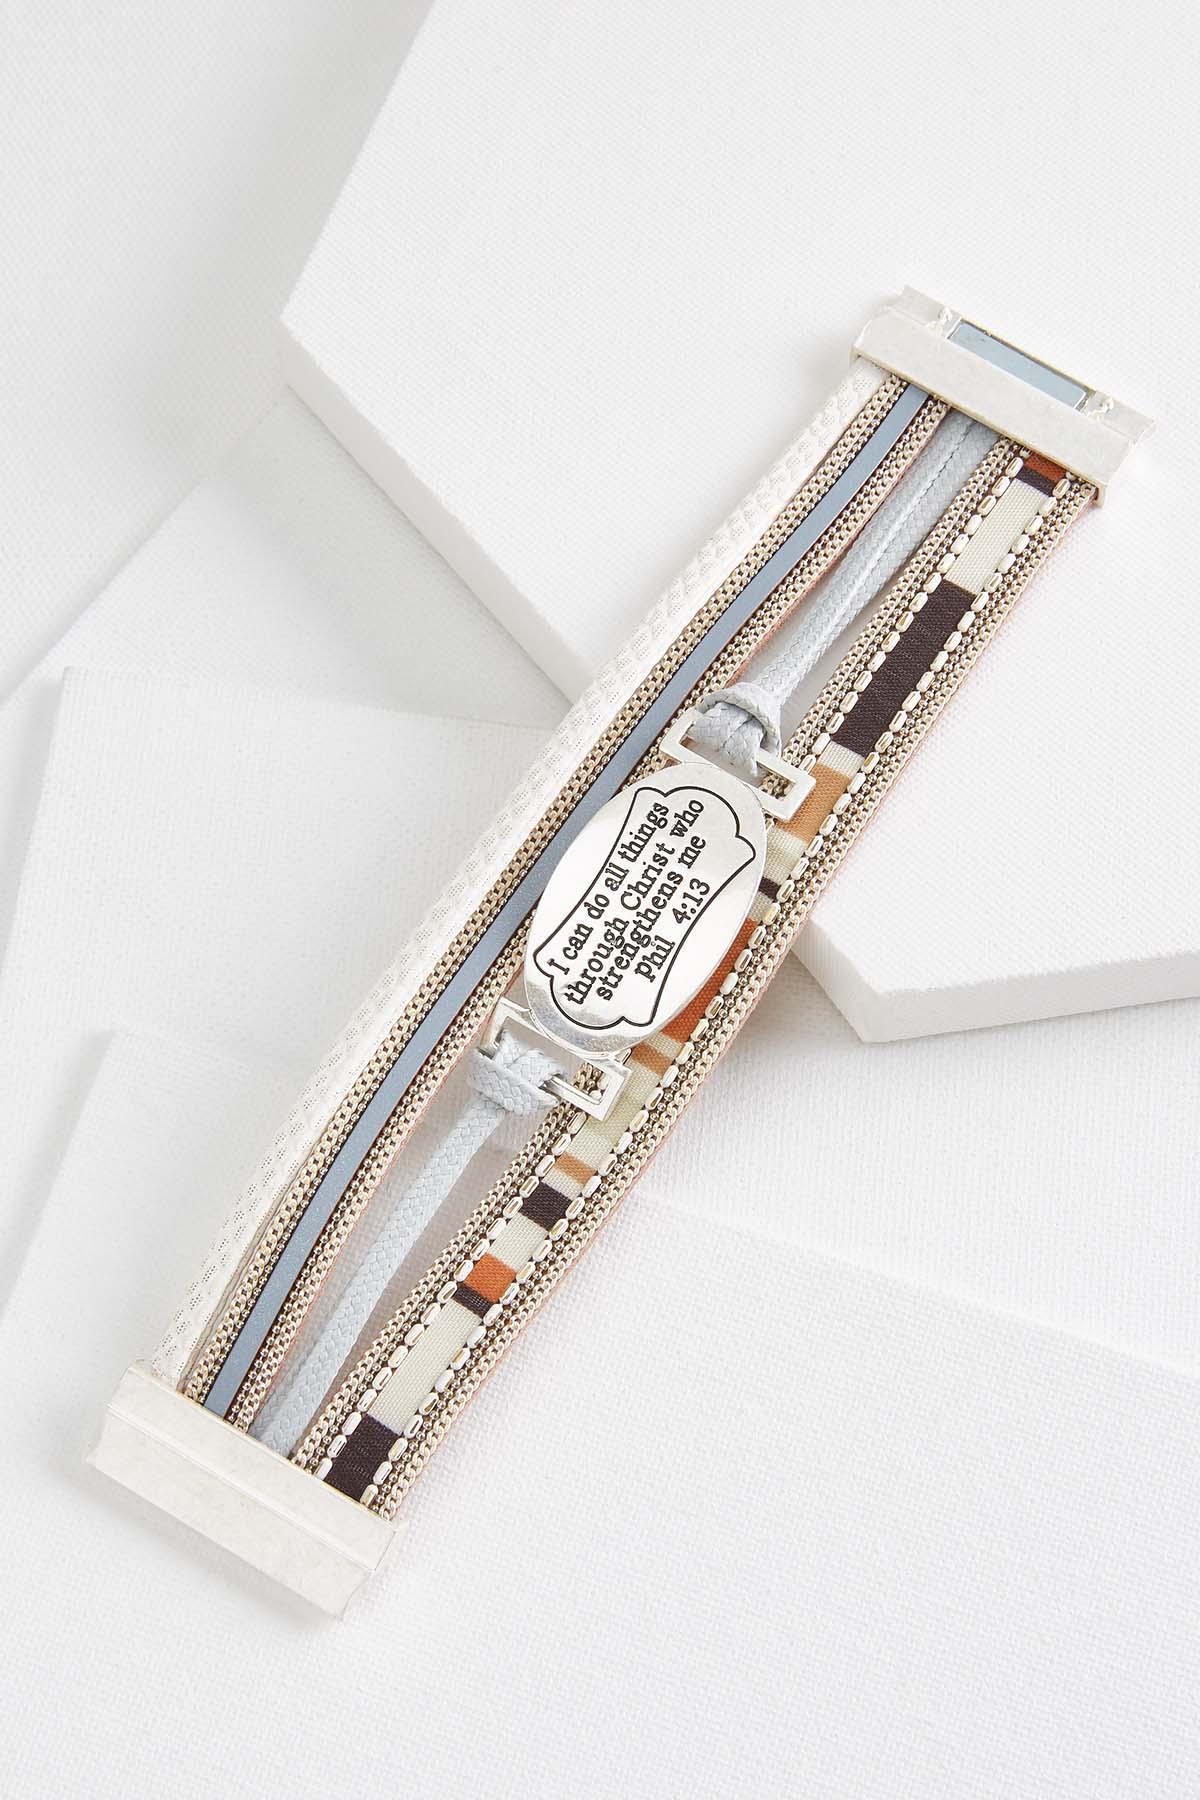 Inspirational Verse Bracelet